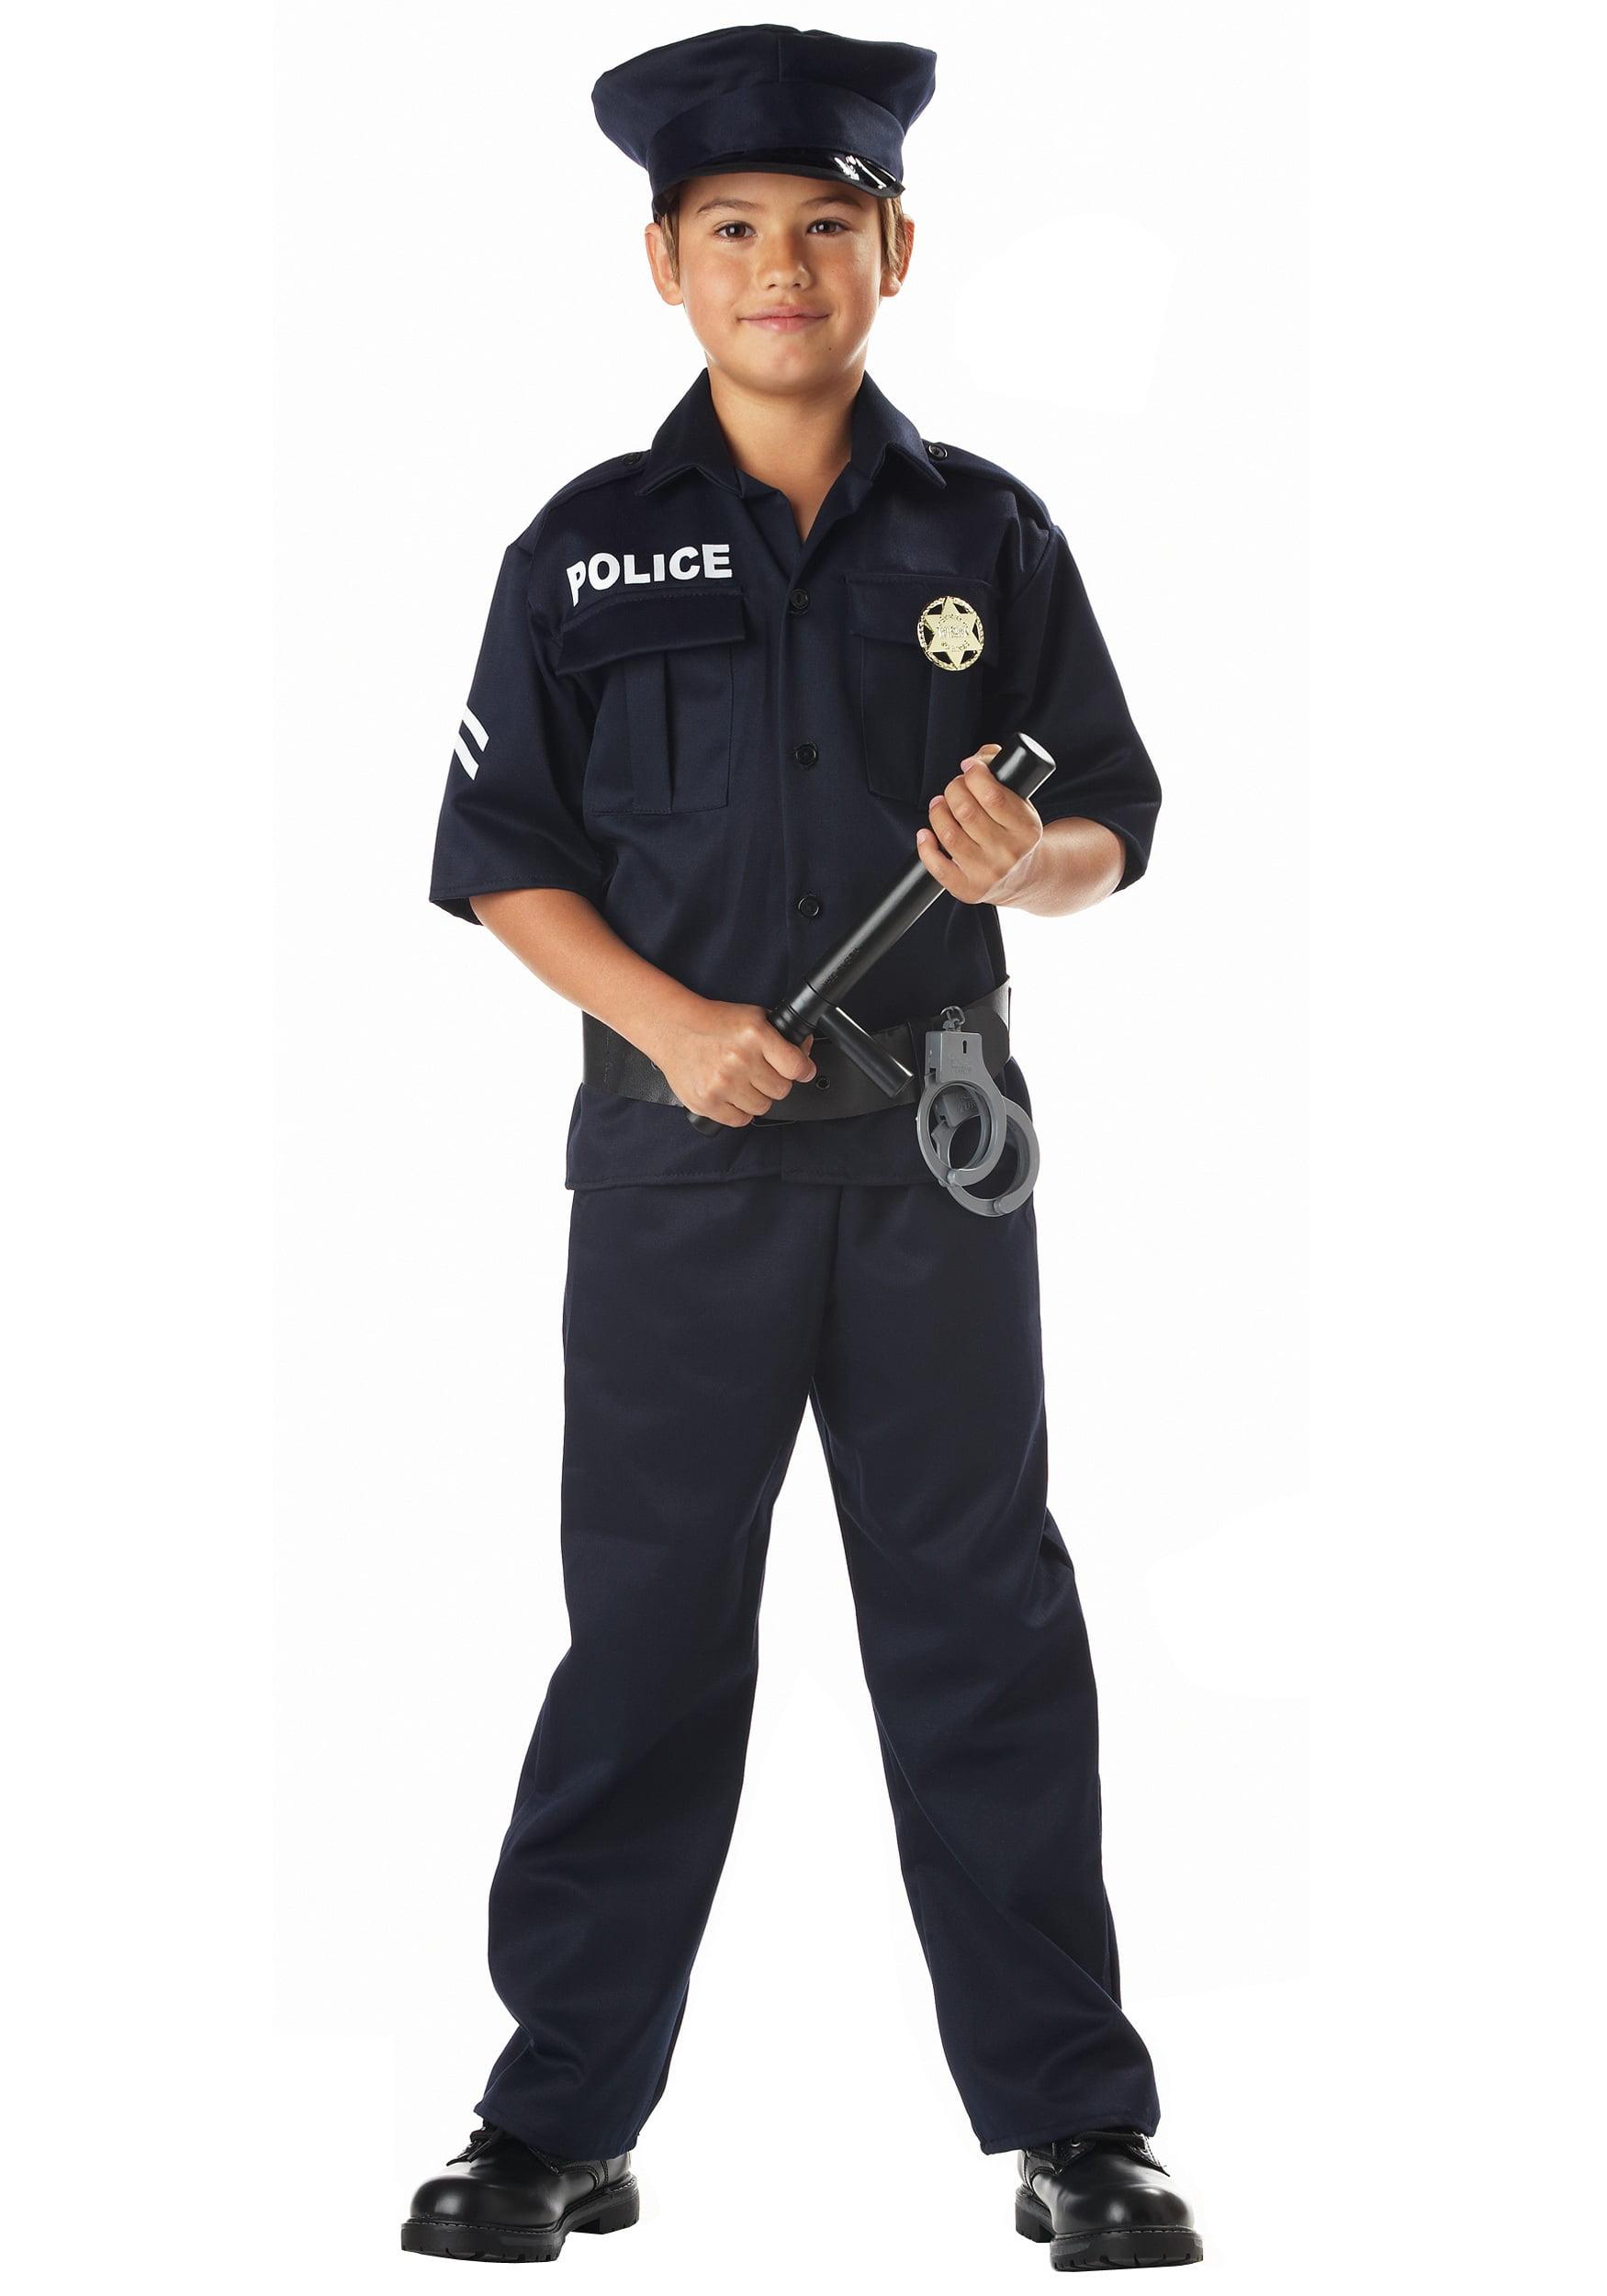 Kid\u0027s Police Costume